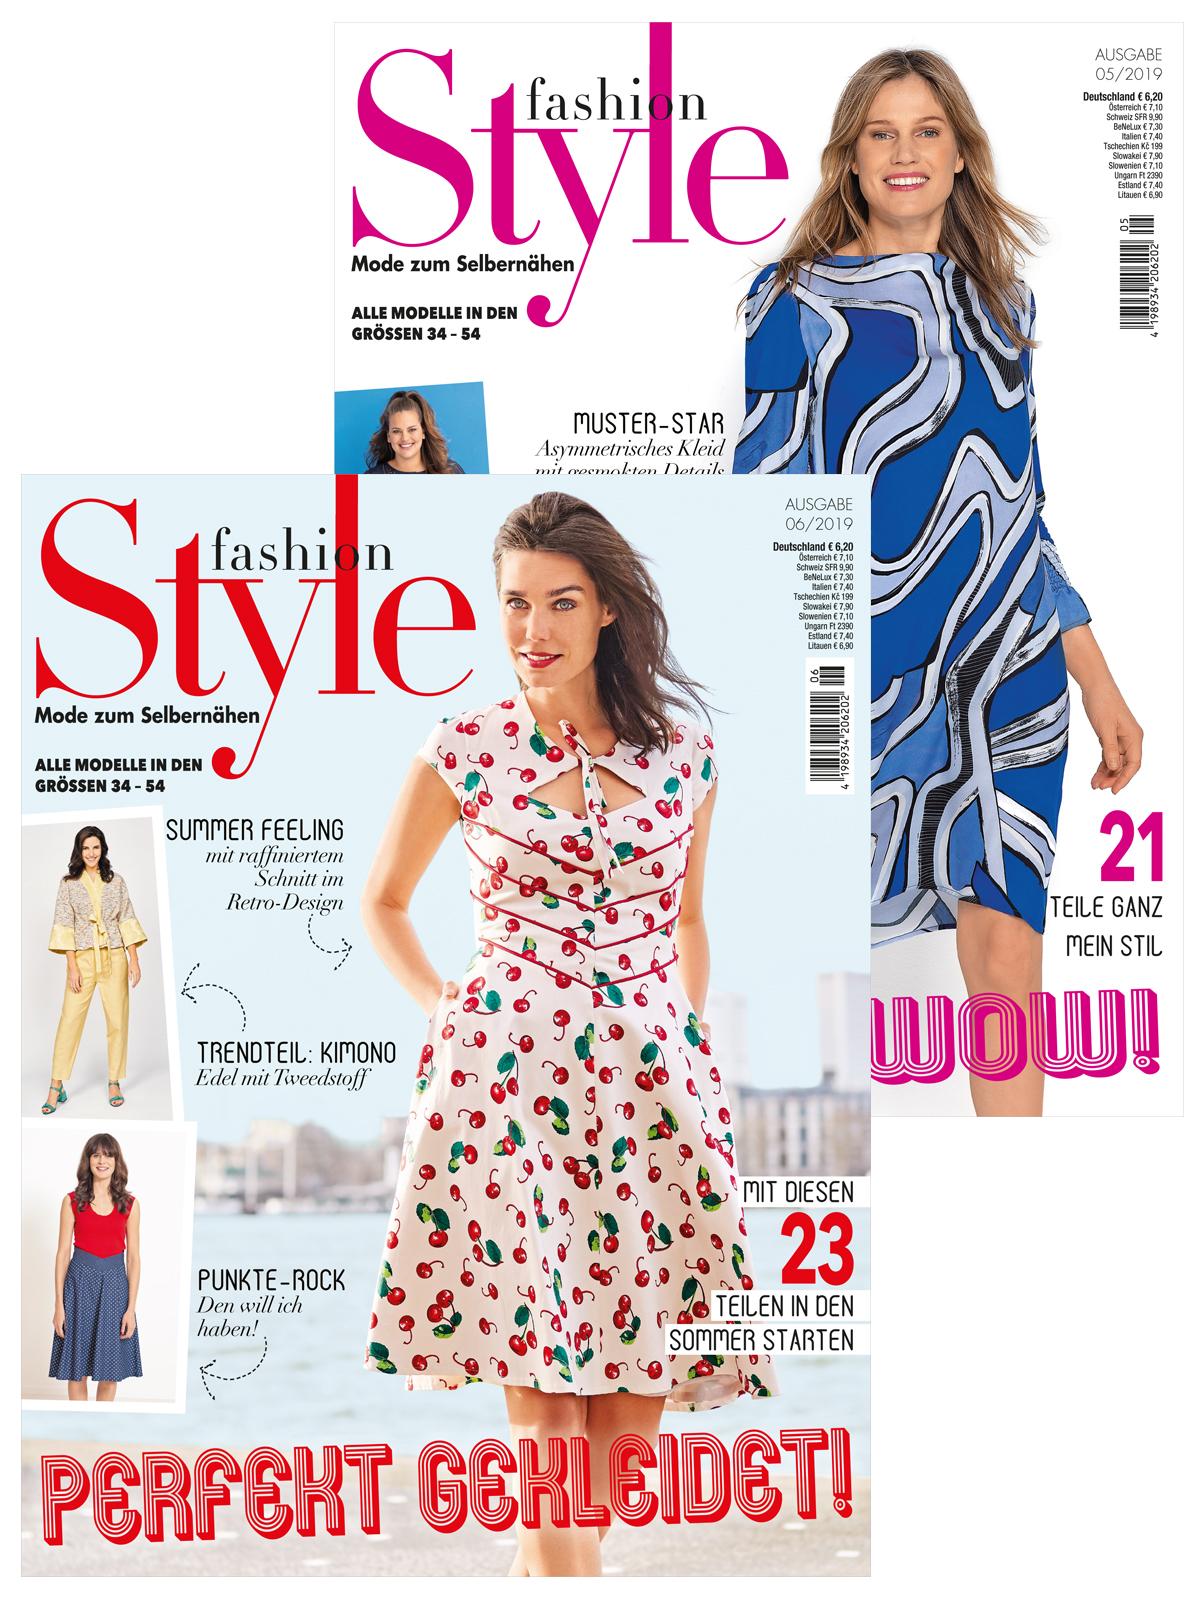 Zwei Zeitschriften im supergünstigen Sparpaket! Fashion-Style Nr. 05 und 06/2019